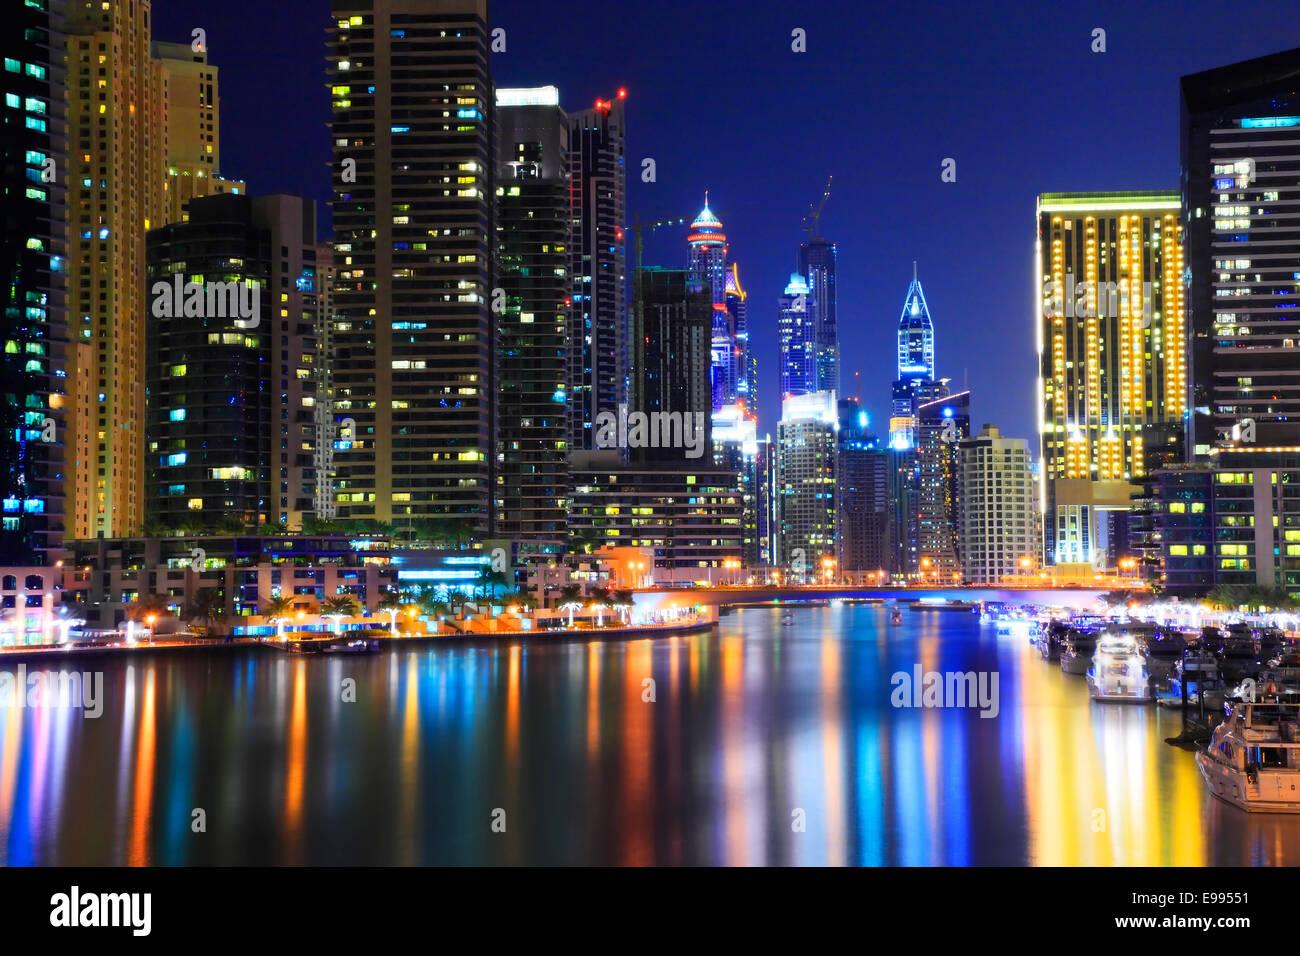 Dubai Marina en la noche.reflejo de rascacielos en el agua. Imagen De Stock